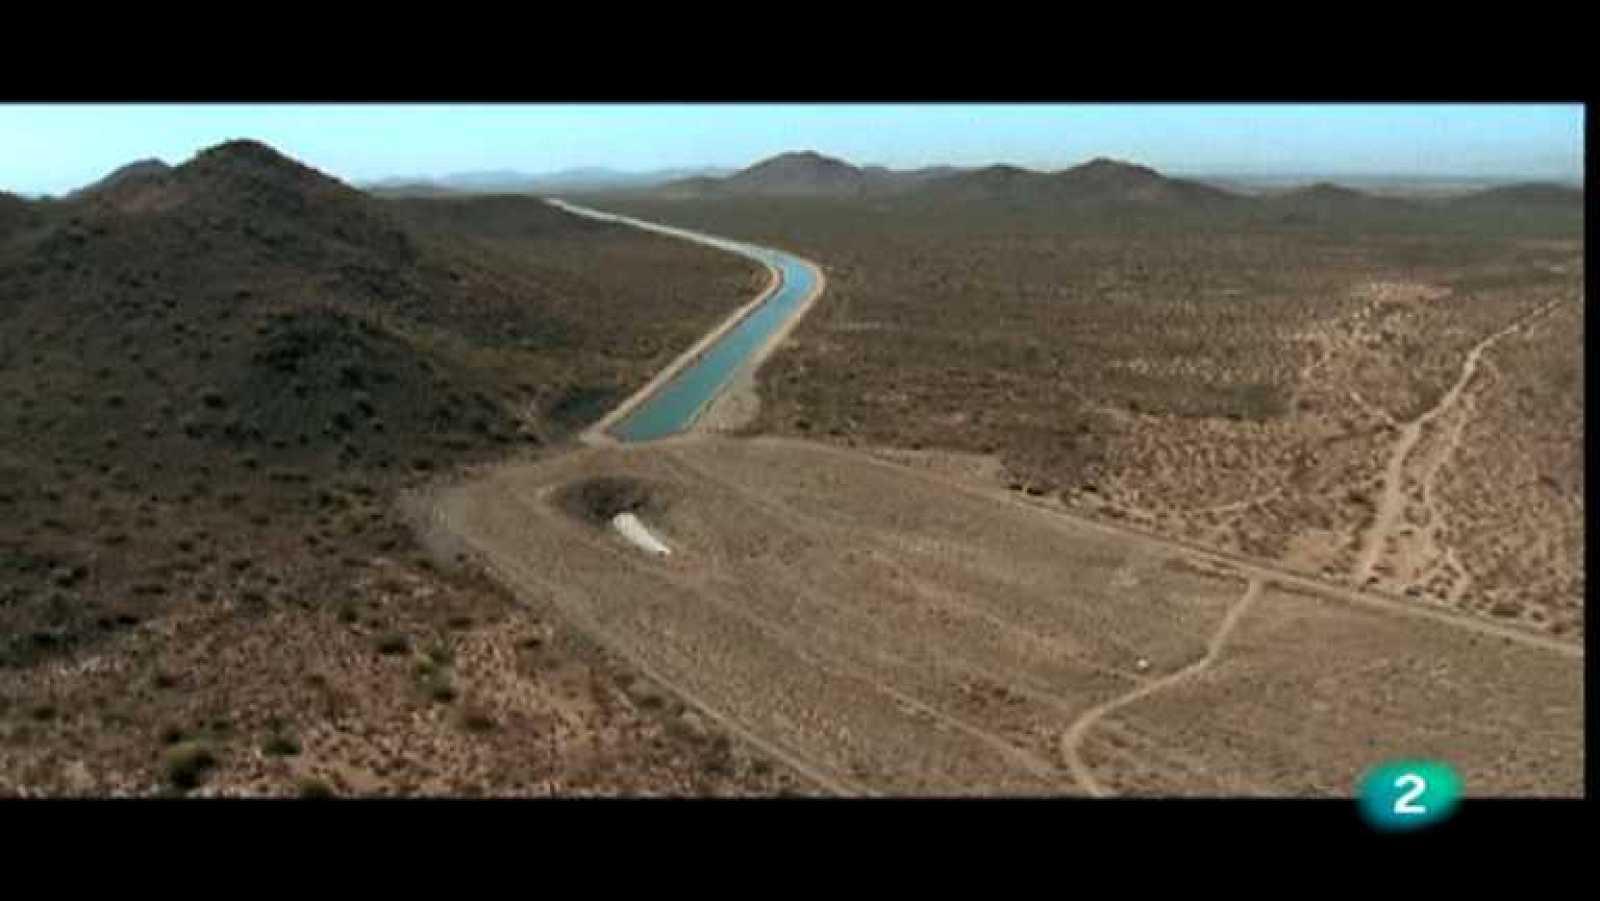 Agua, la gota de la vida - El desafio del transporte - Ver ahora